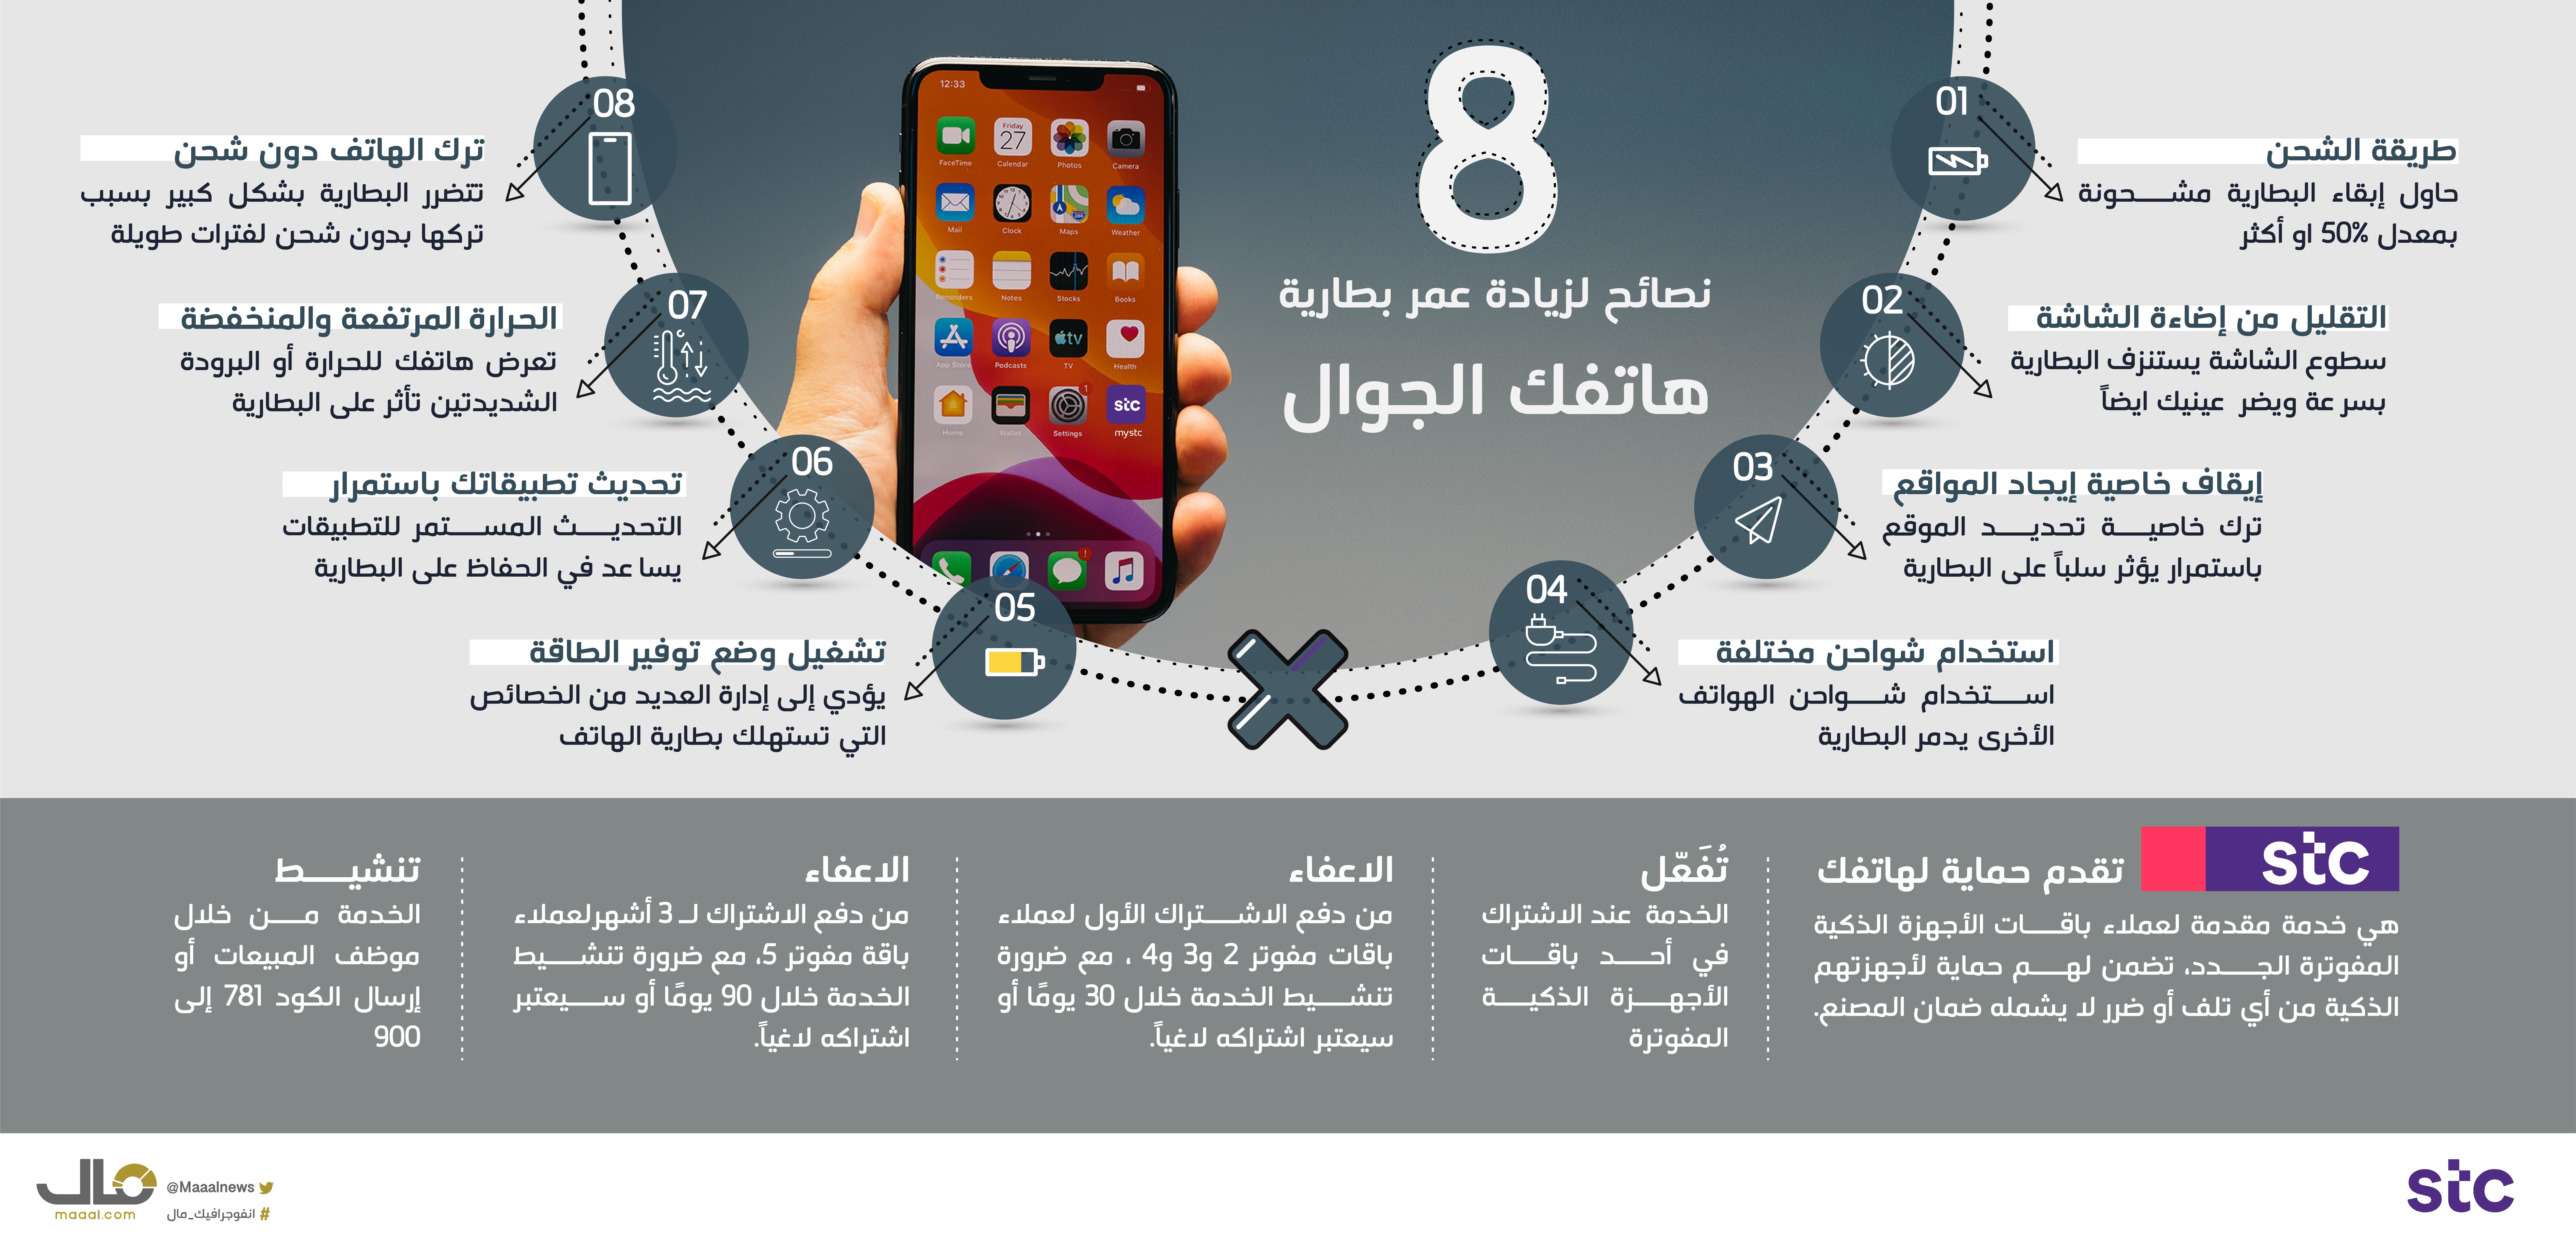 8 أخطاء تدمر هاتفك الجوال-01